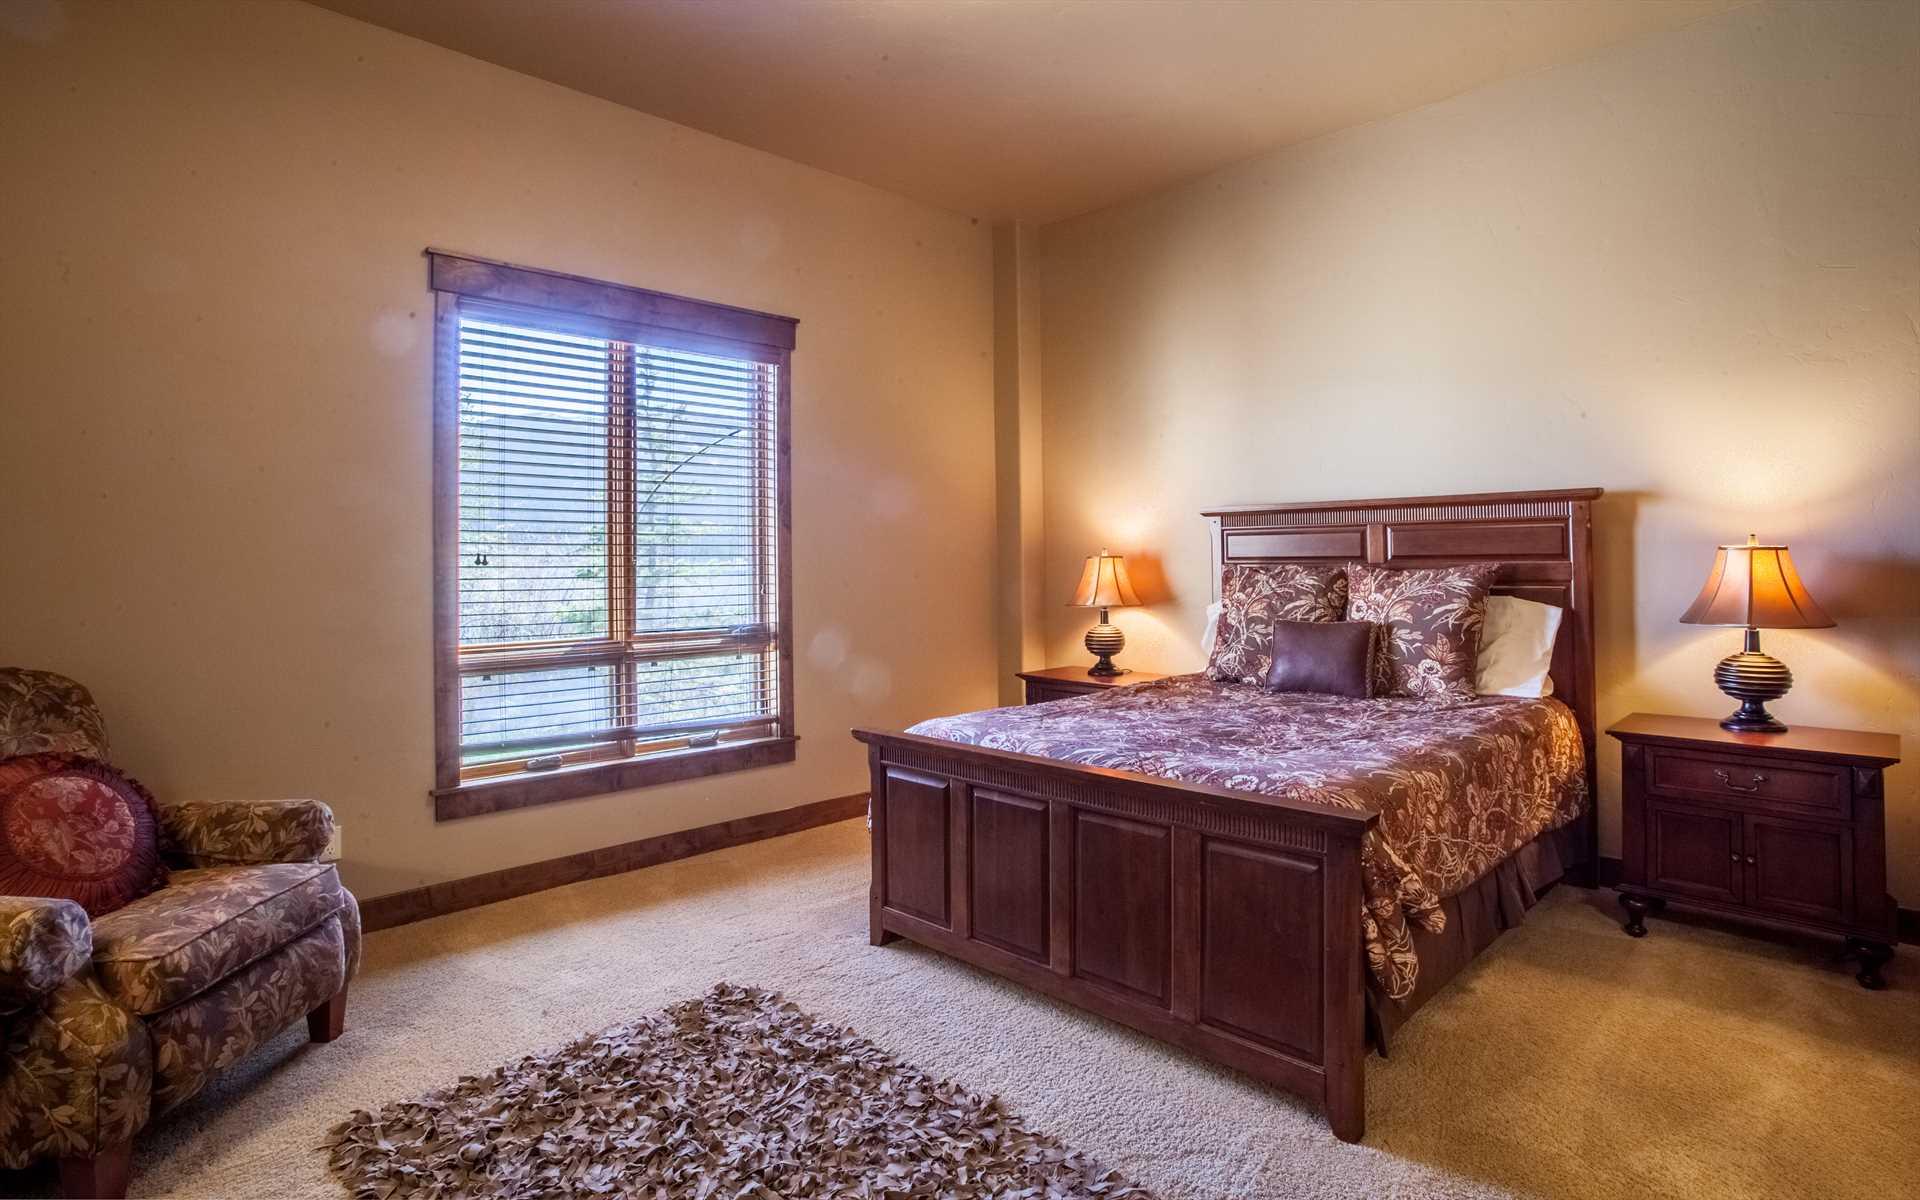 Lower level bedroom - Queen